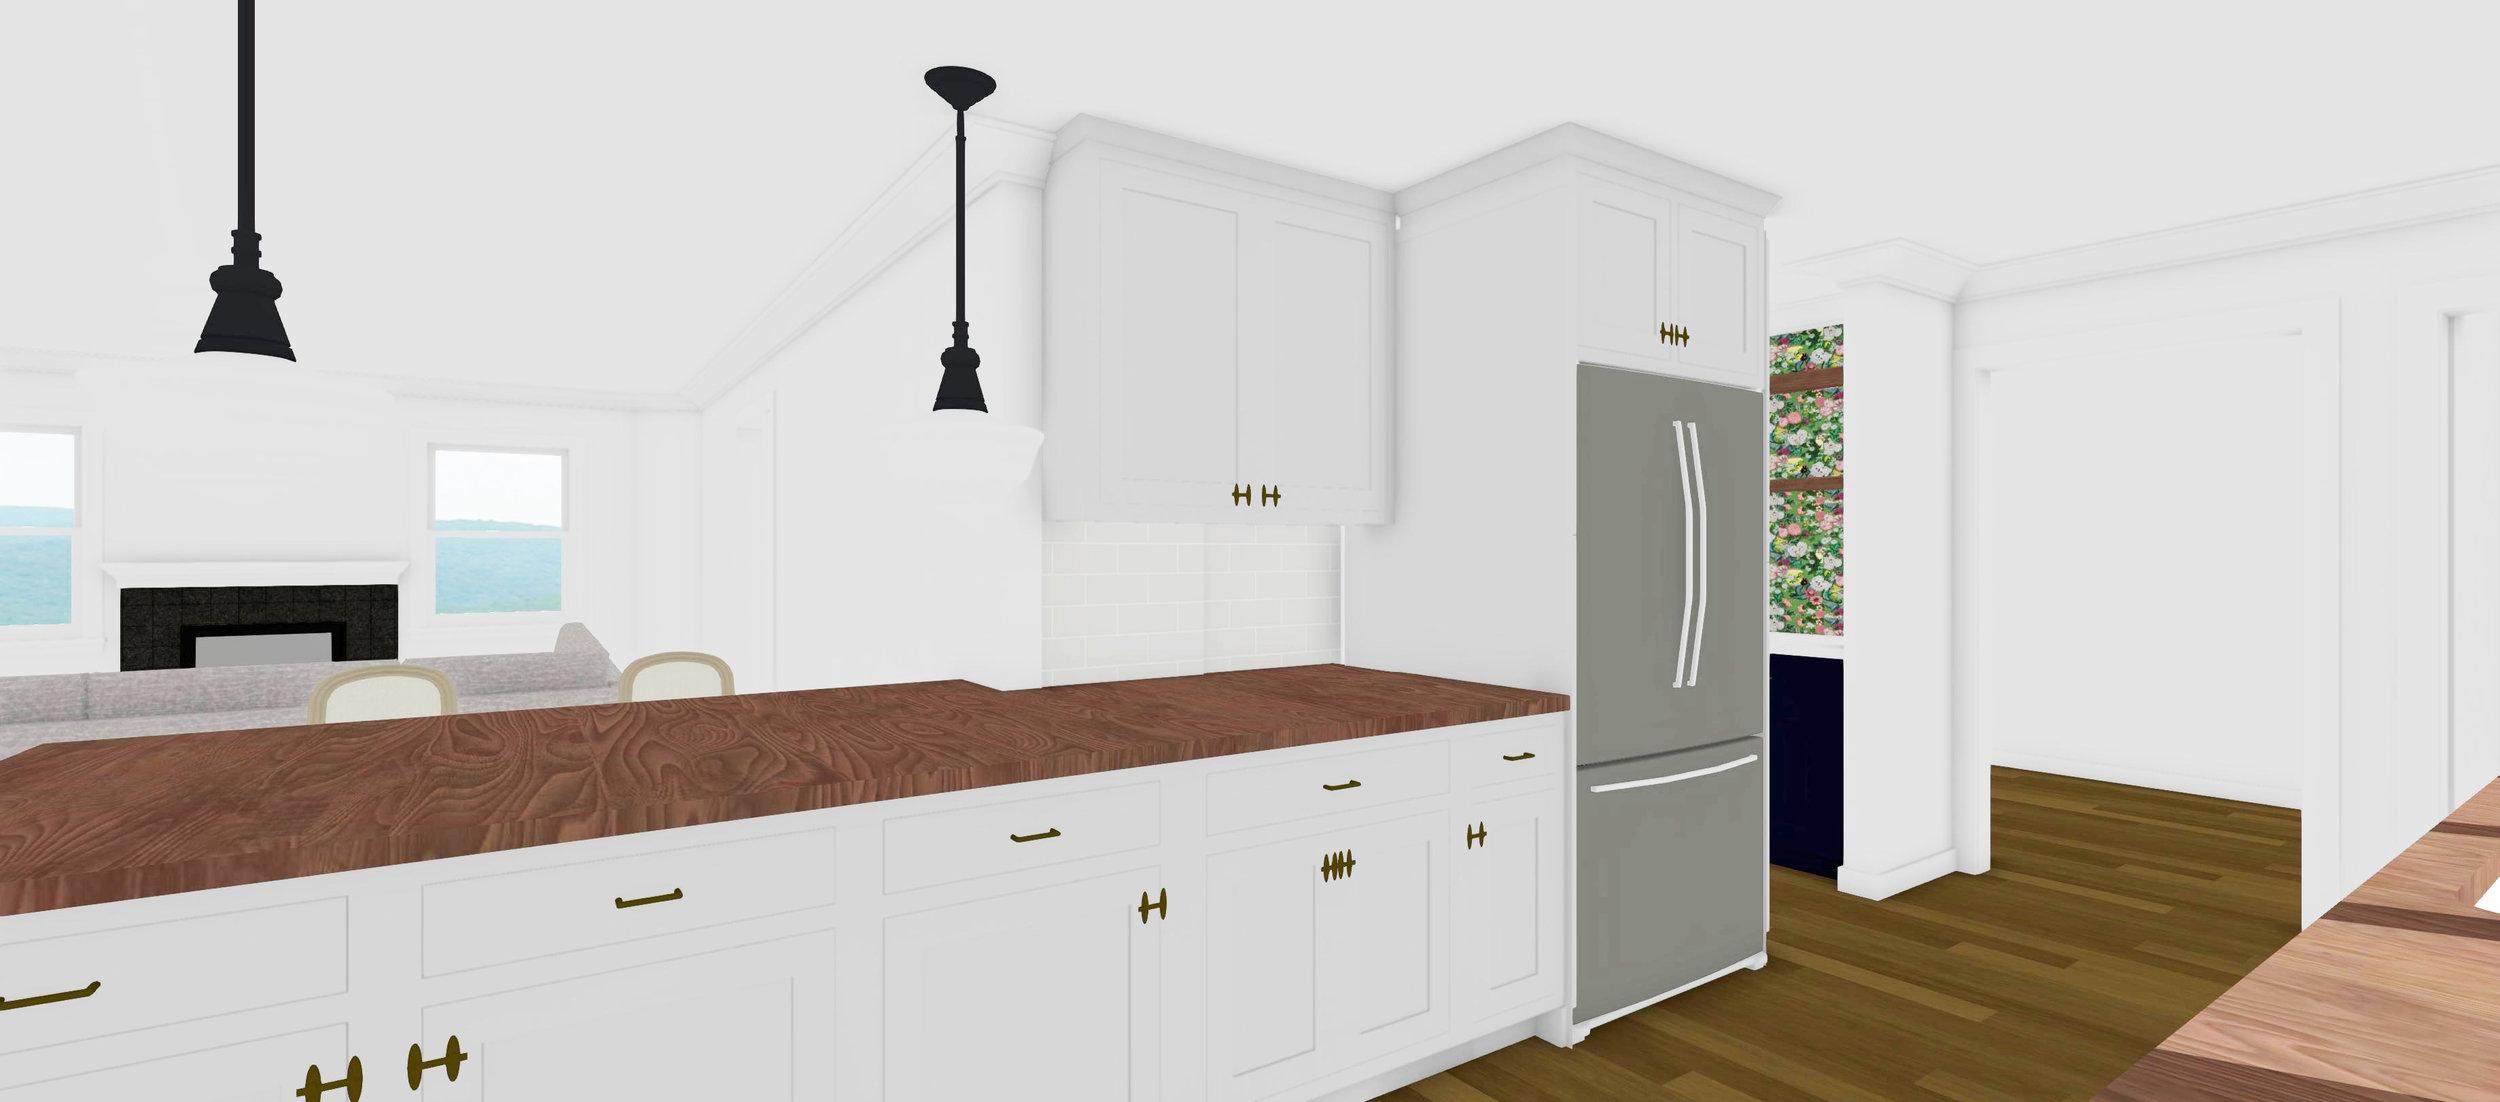 Refrigerator Wall 2.jpg